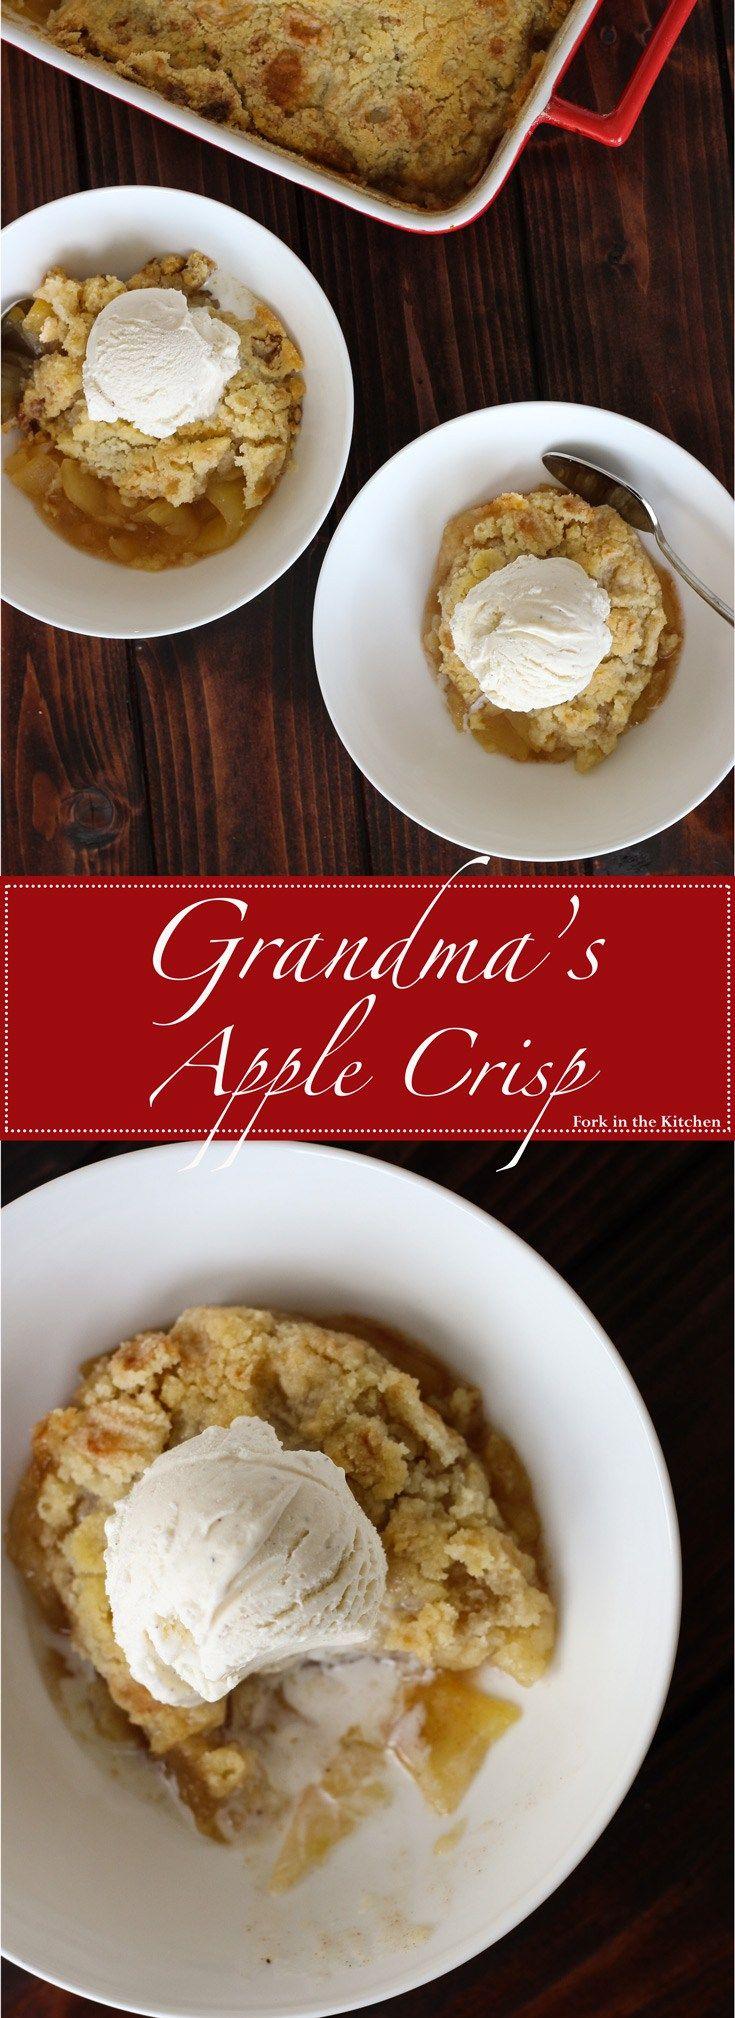 Grandmas Apple Crisp Recipe - Genius Kitchen